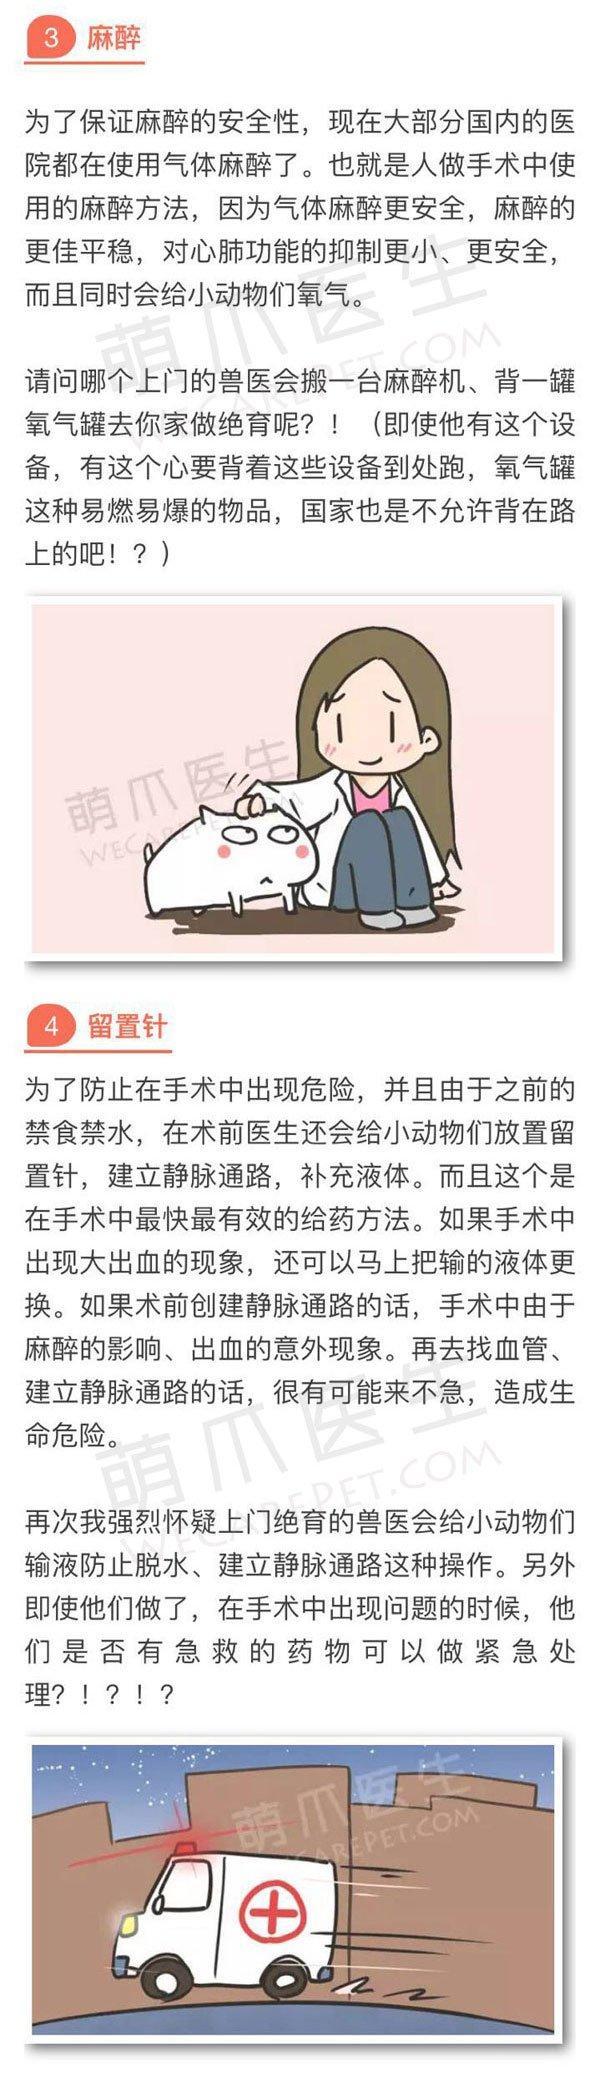 别让悲剧在你家宠物身上重演!请拒绝上门绝育!